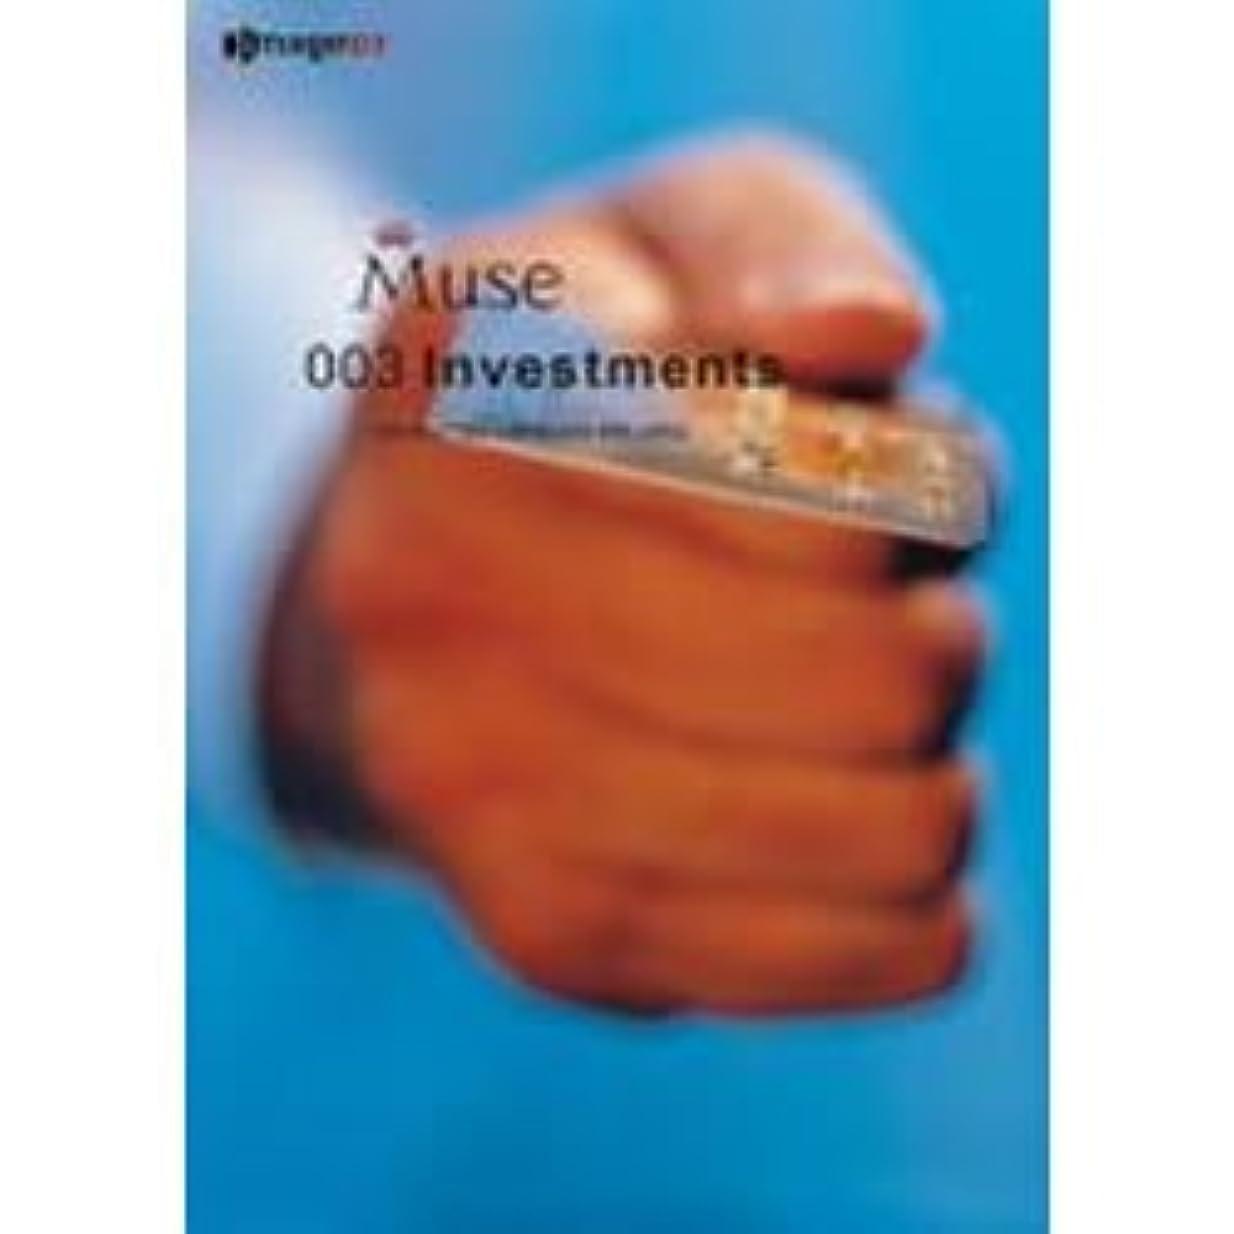 歴史廃棄する原子炉ミューズ Vol.3 金銭と投資